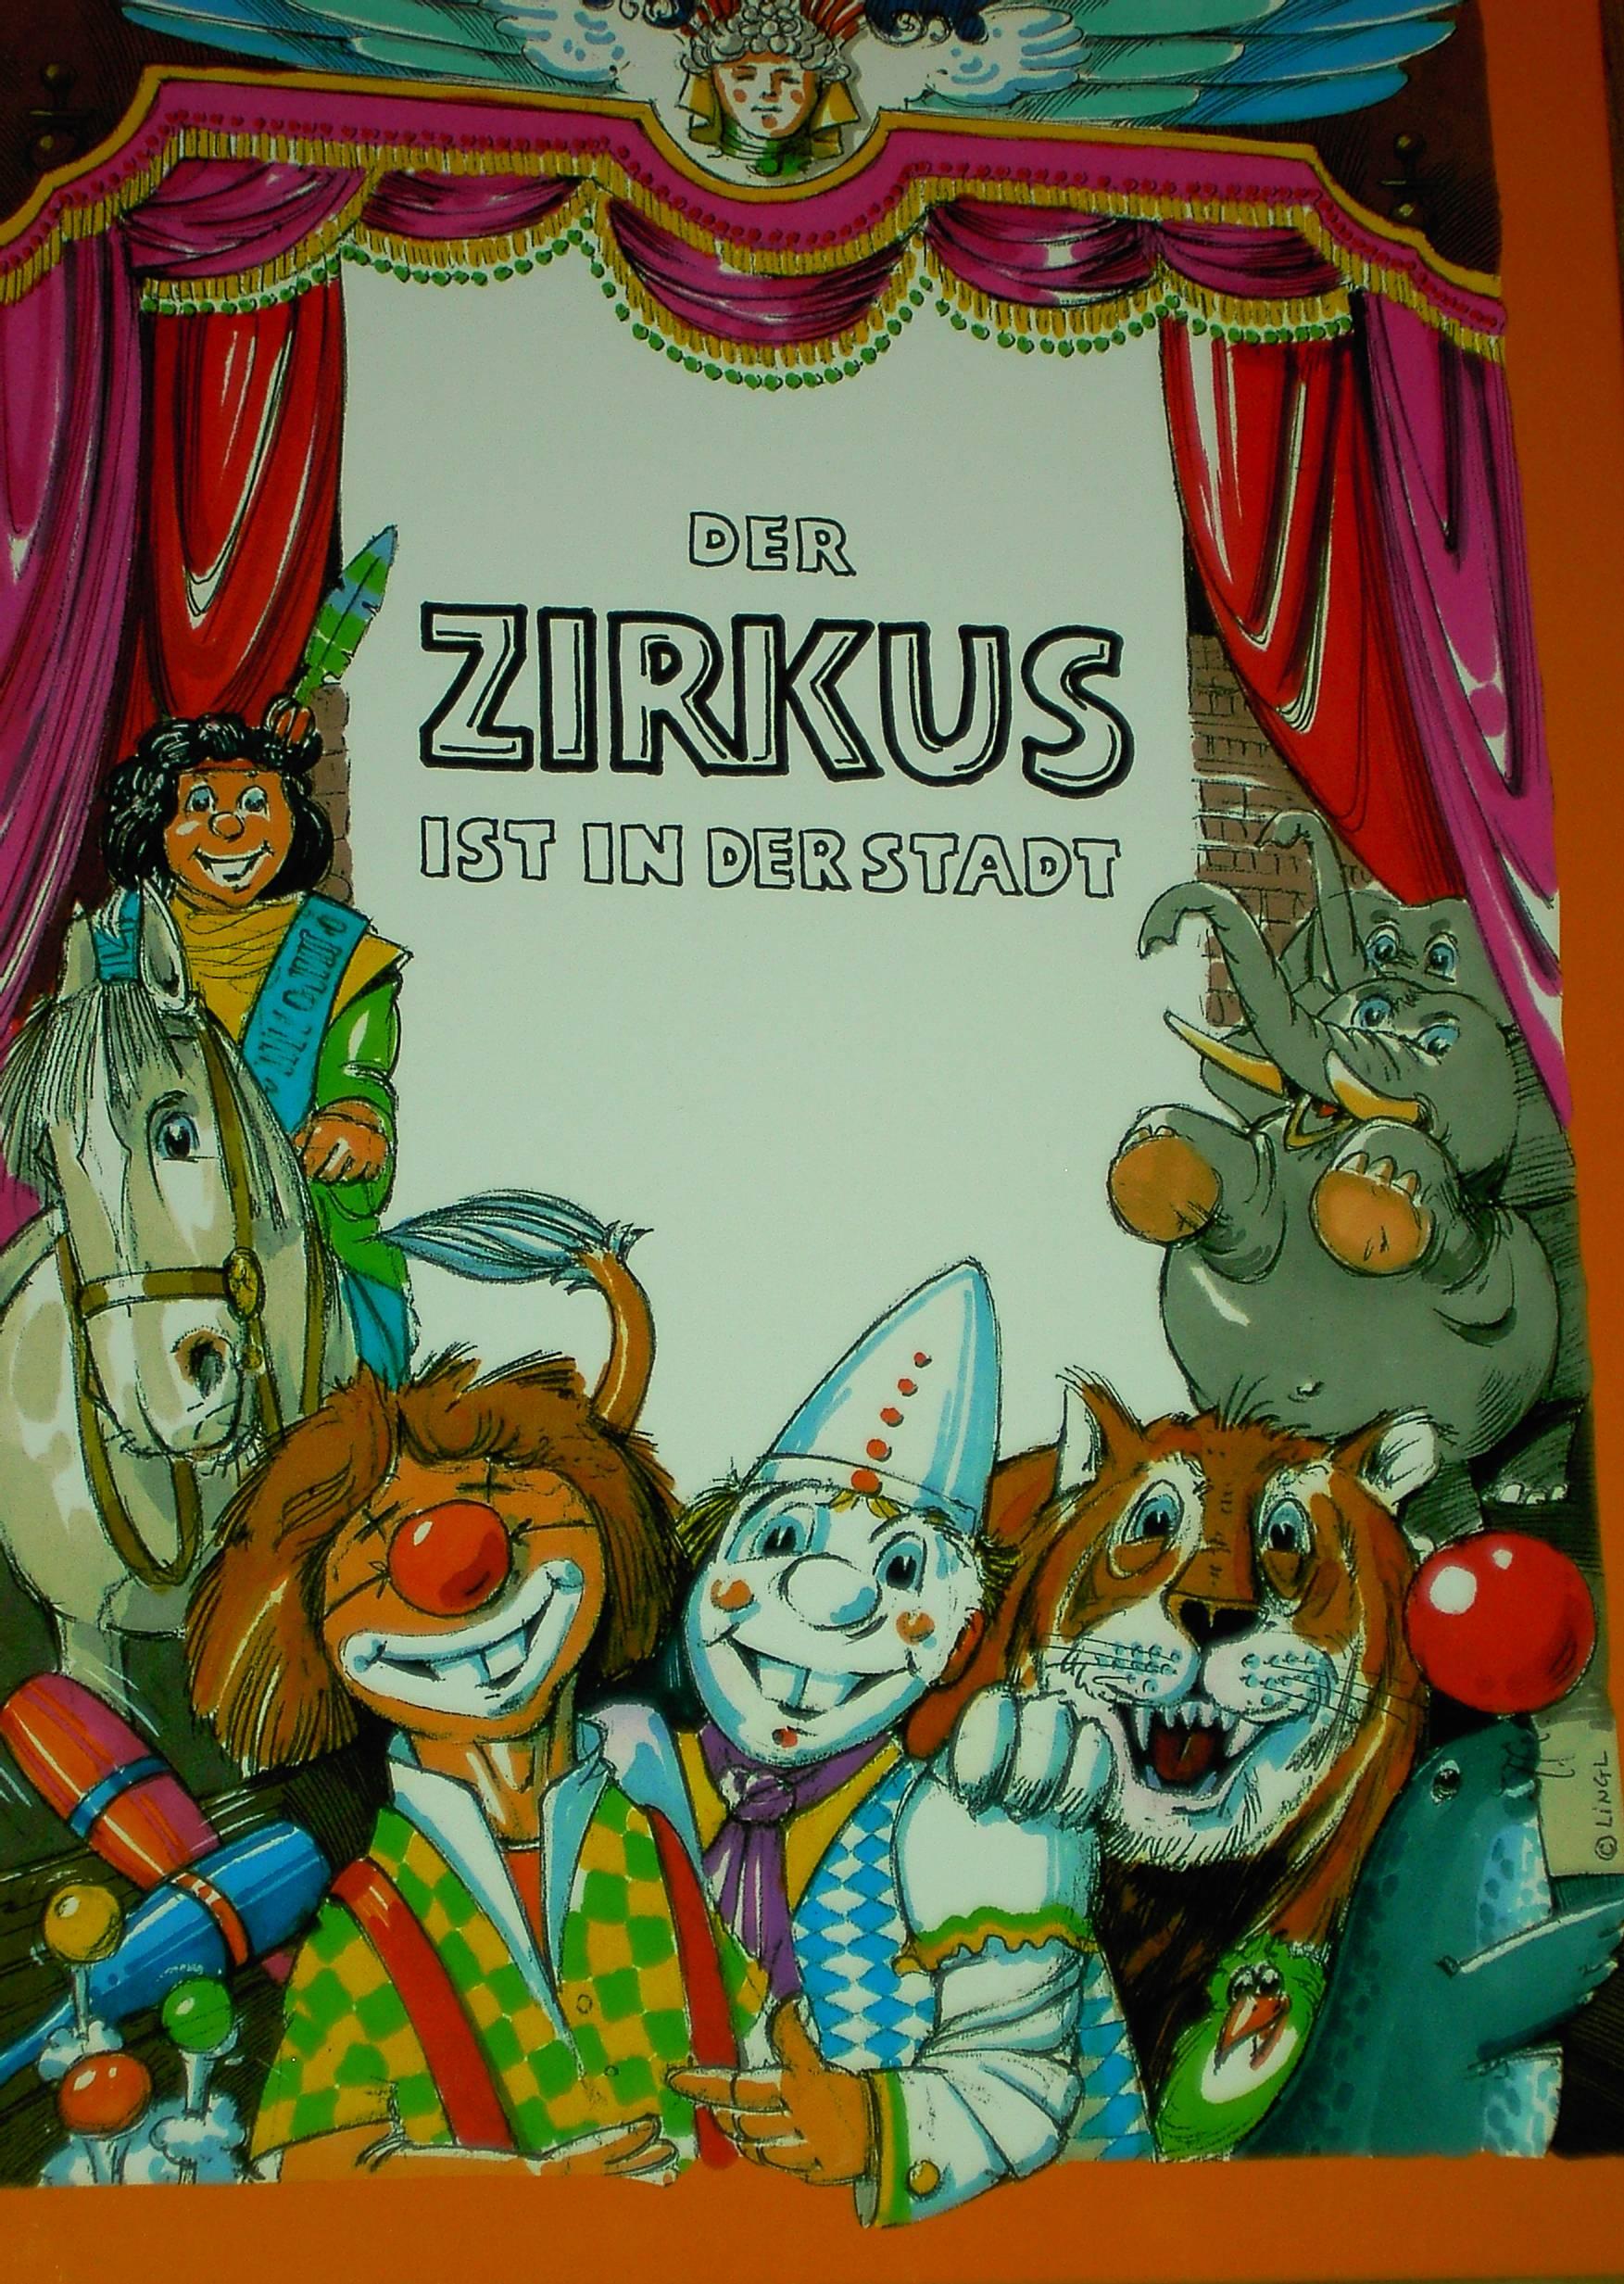 1548753467_Zirkus.jpg